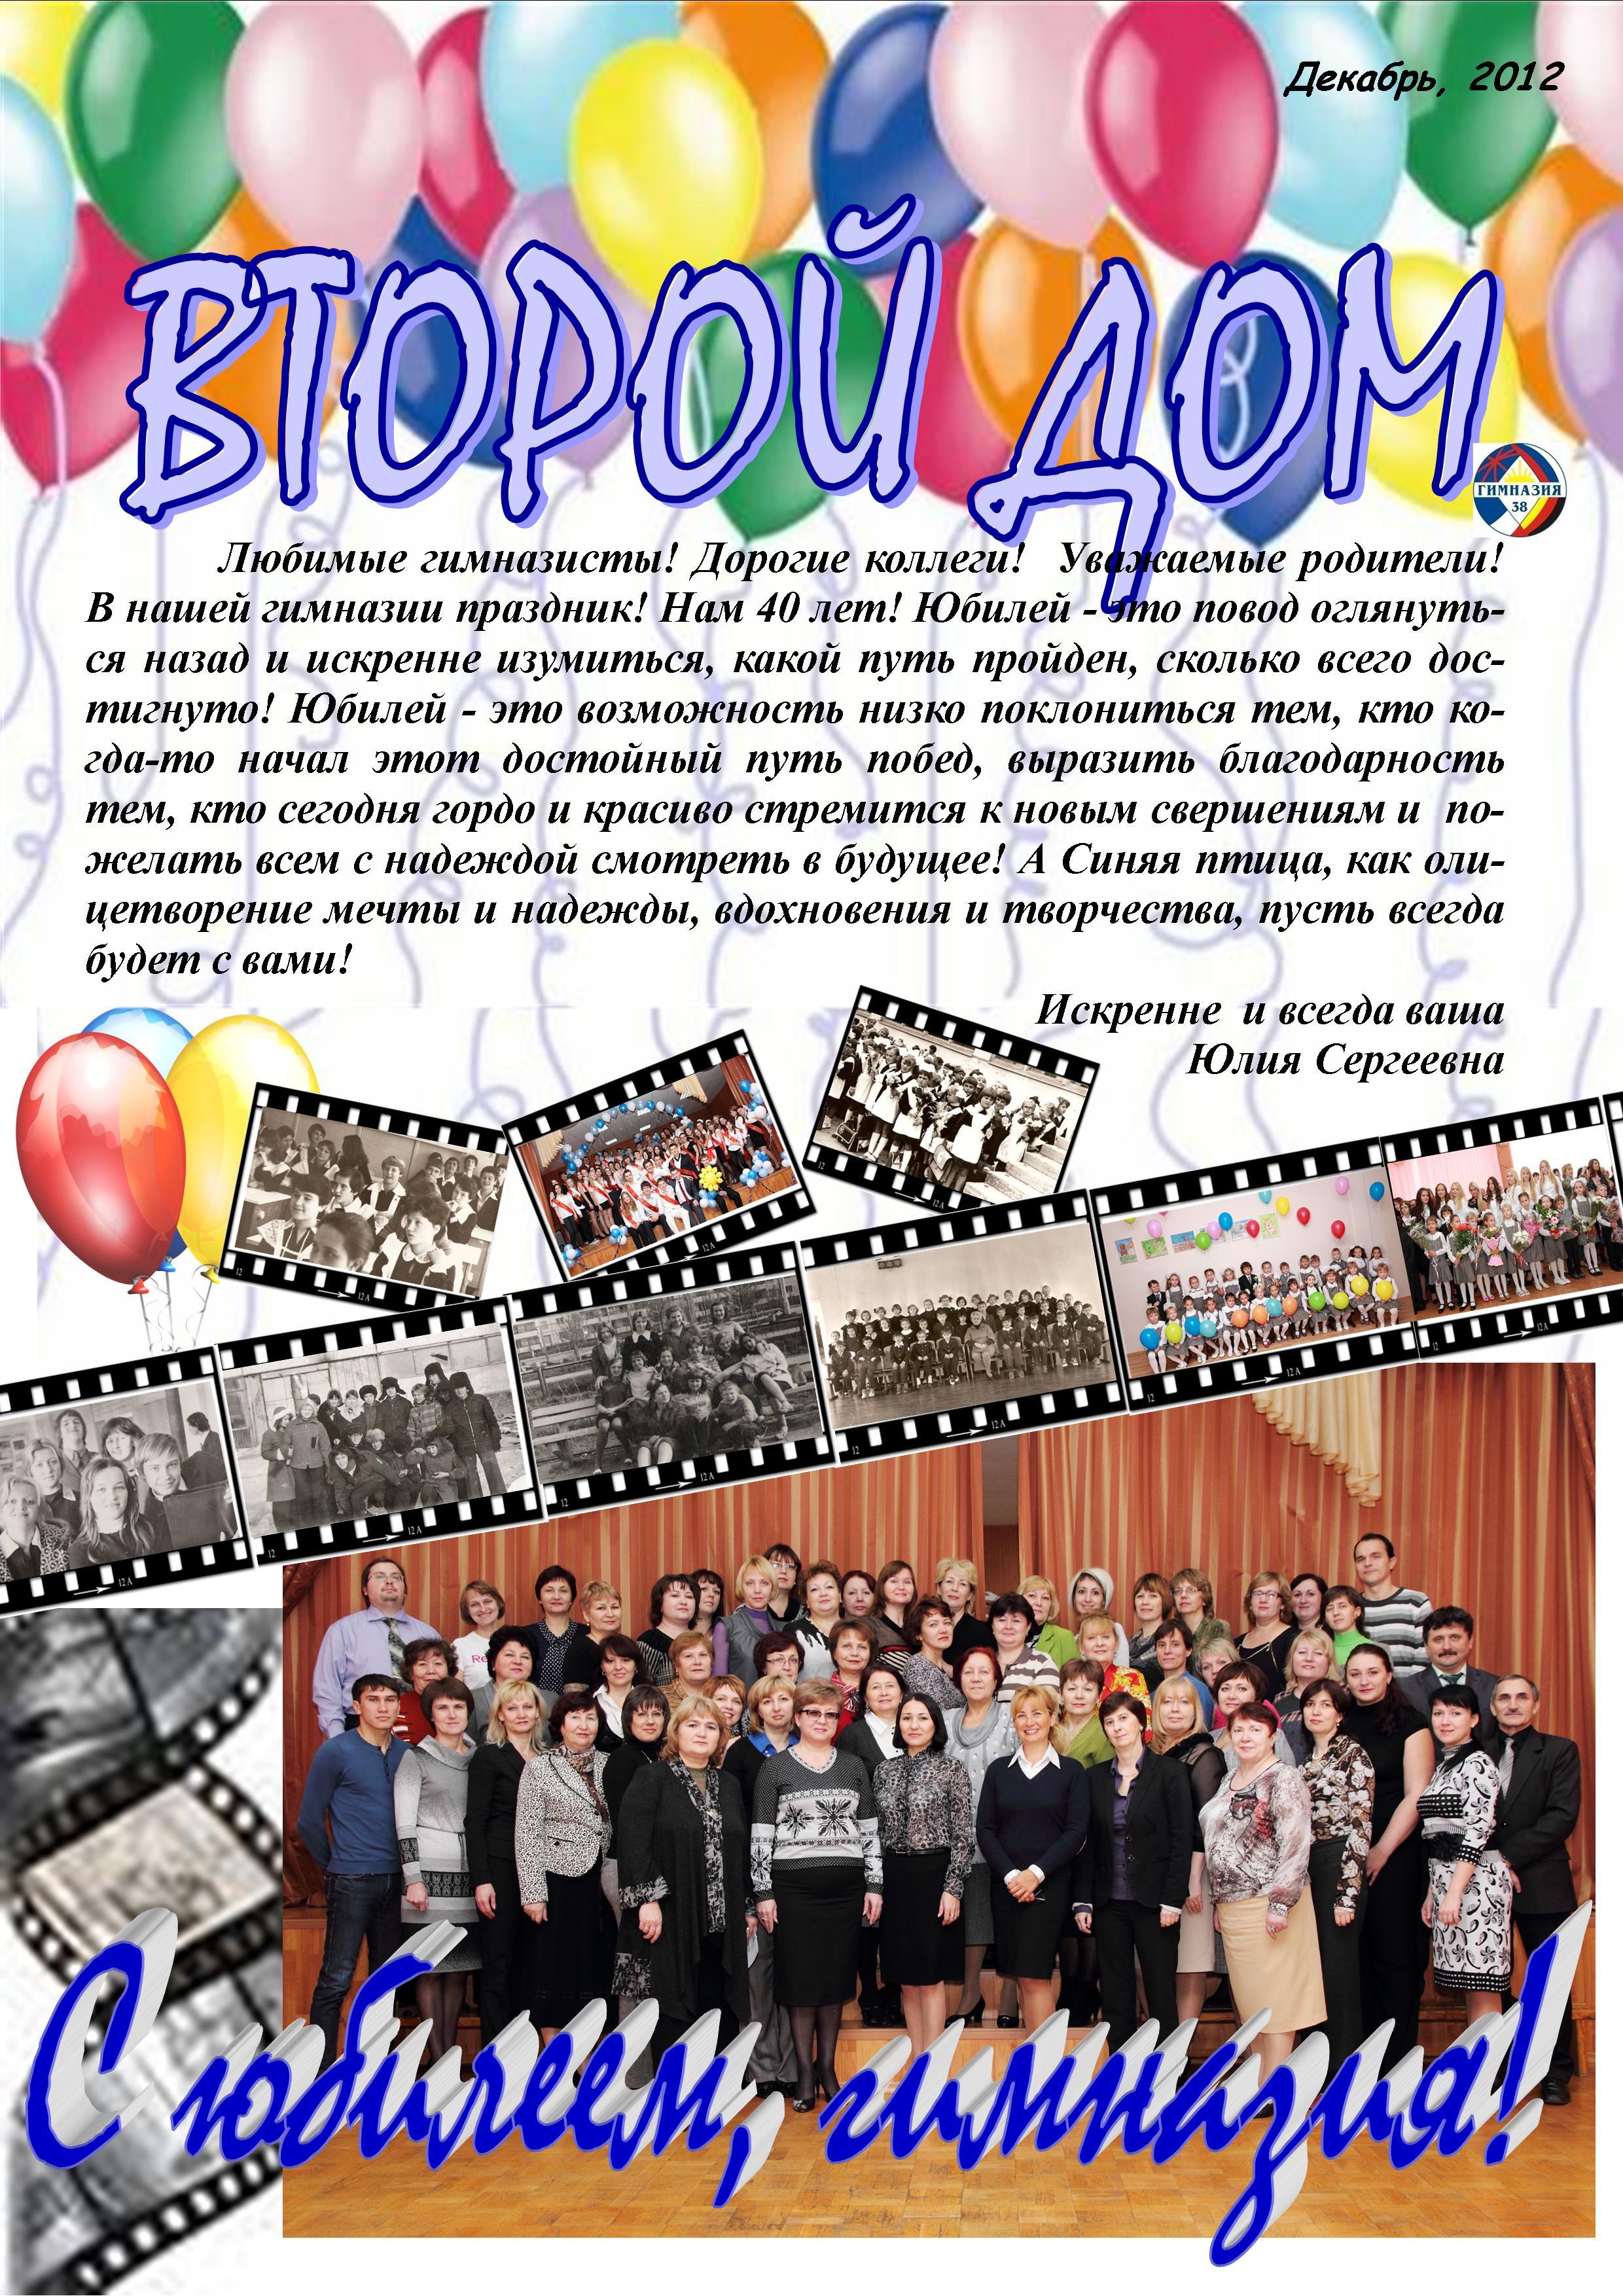 Поздравление школе на 25 лет